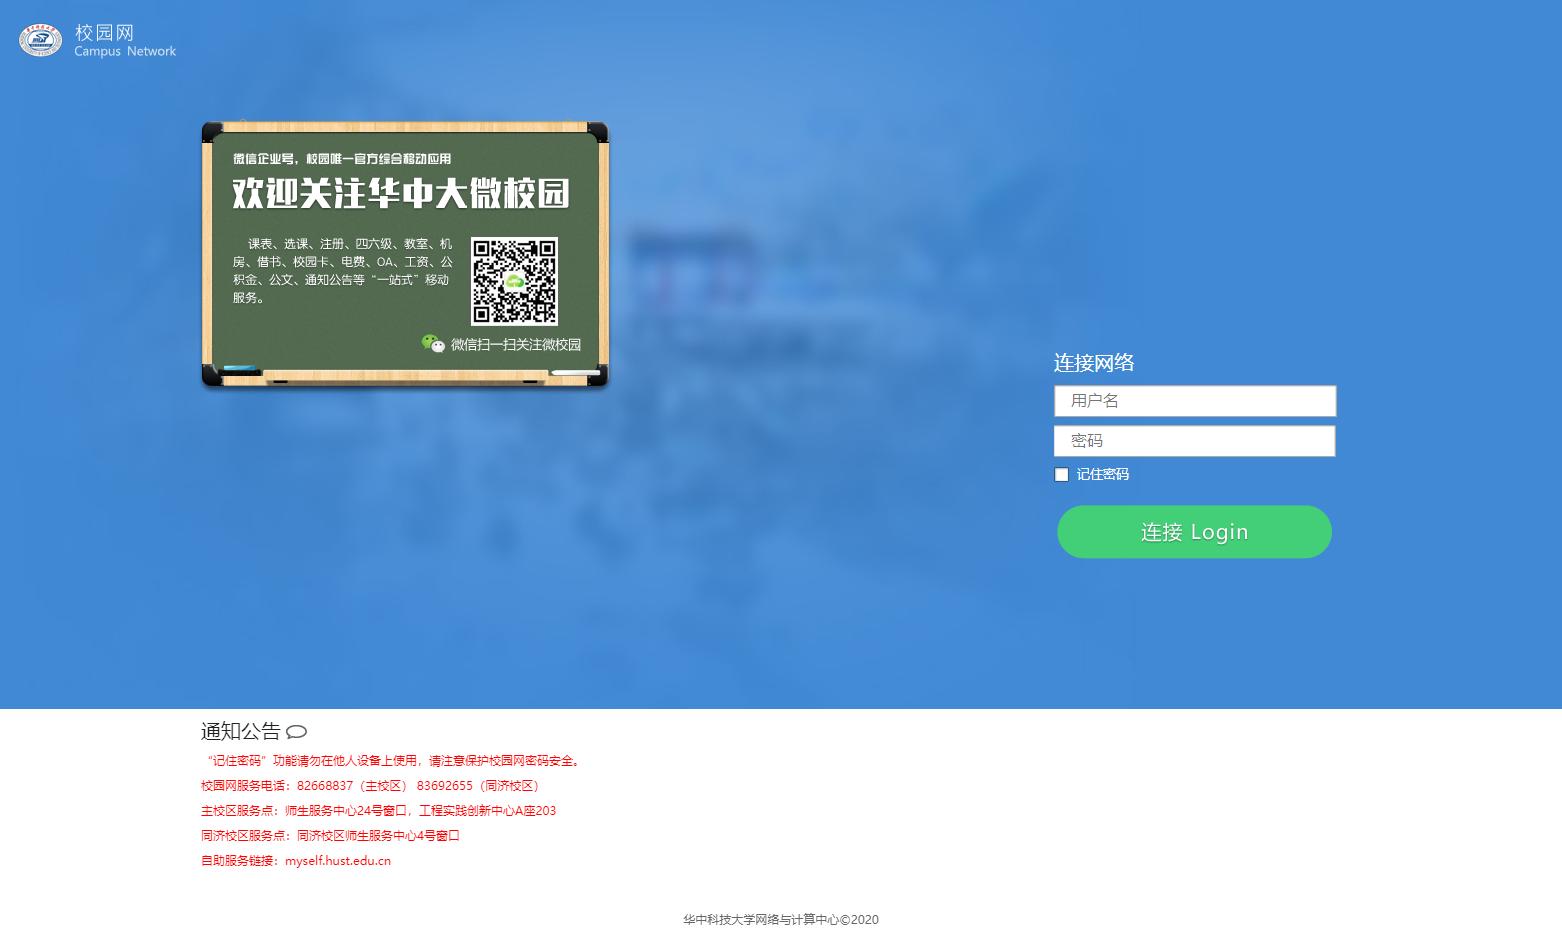 华科校园网认证页面